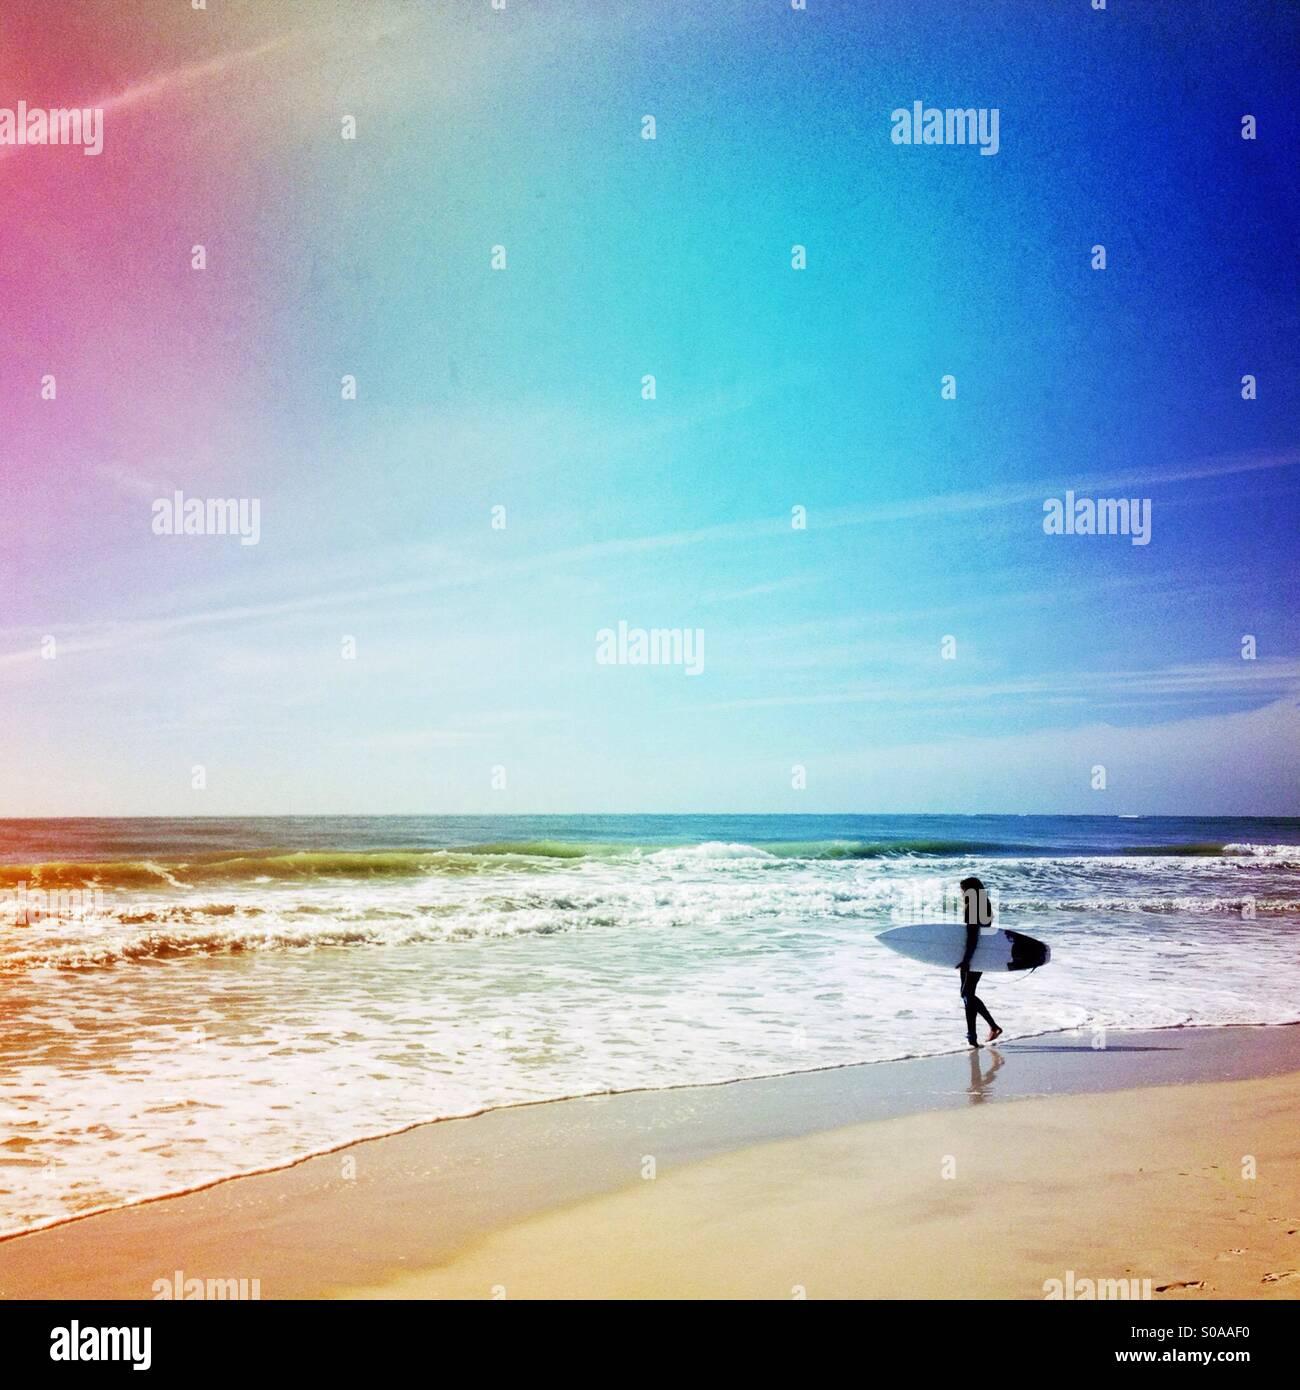 Va surfer dans l'océan pour surfer. Photo Stock